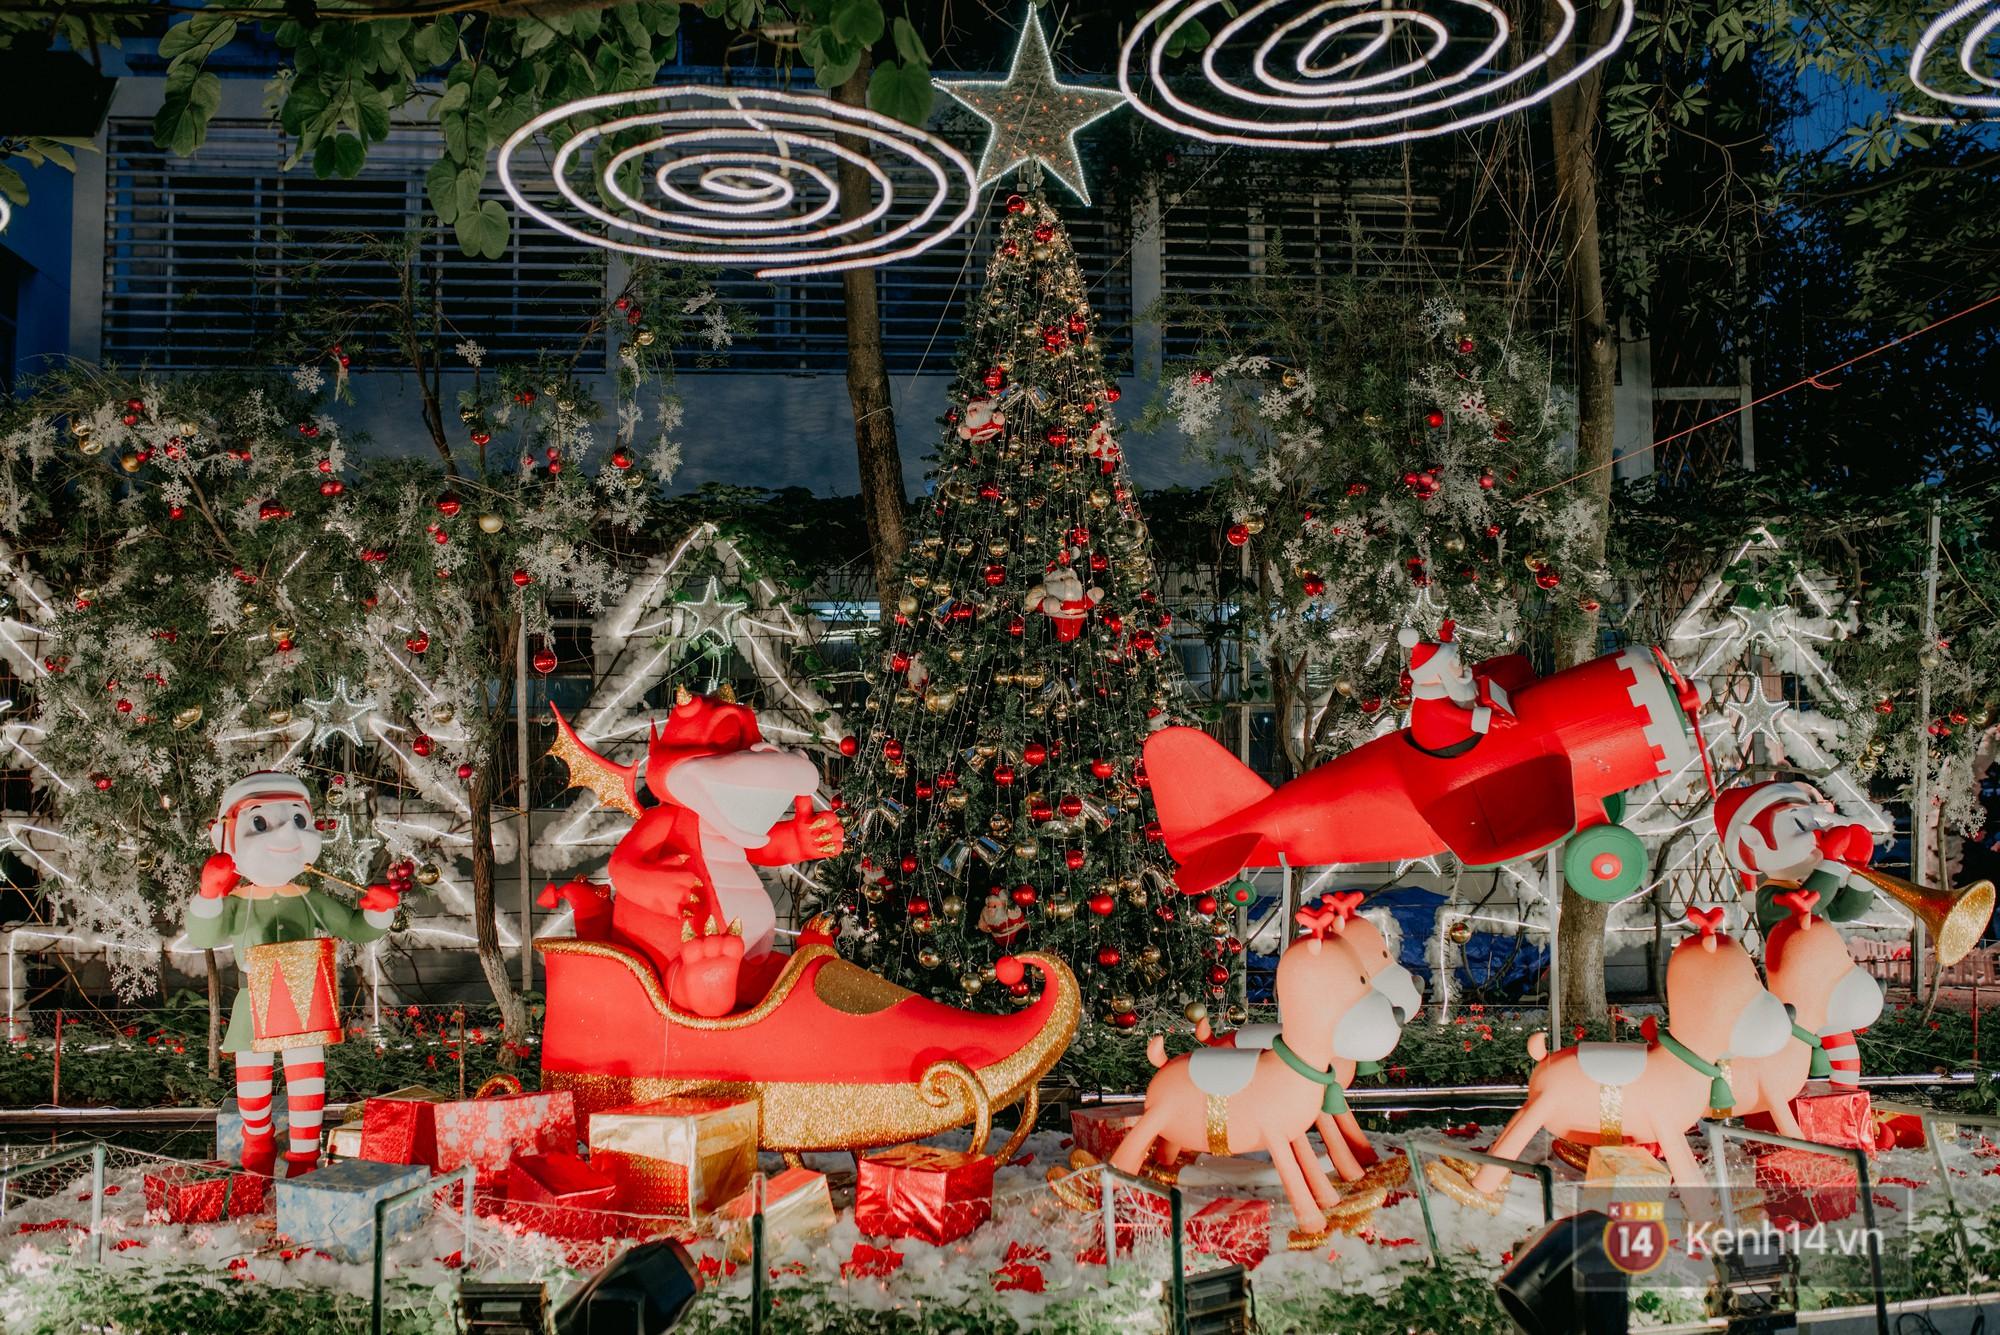 Trường ĐH con nhà giàu này đang là trường trang trí Noel đẹp nhất nước, có máy phun tuyết nhân tạo, tha hồ sống ảo - Ảnh 9.